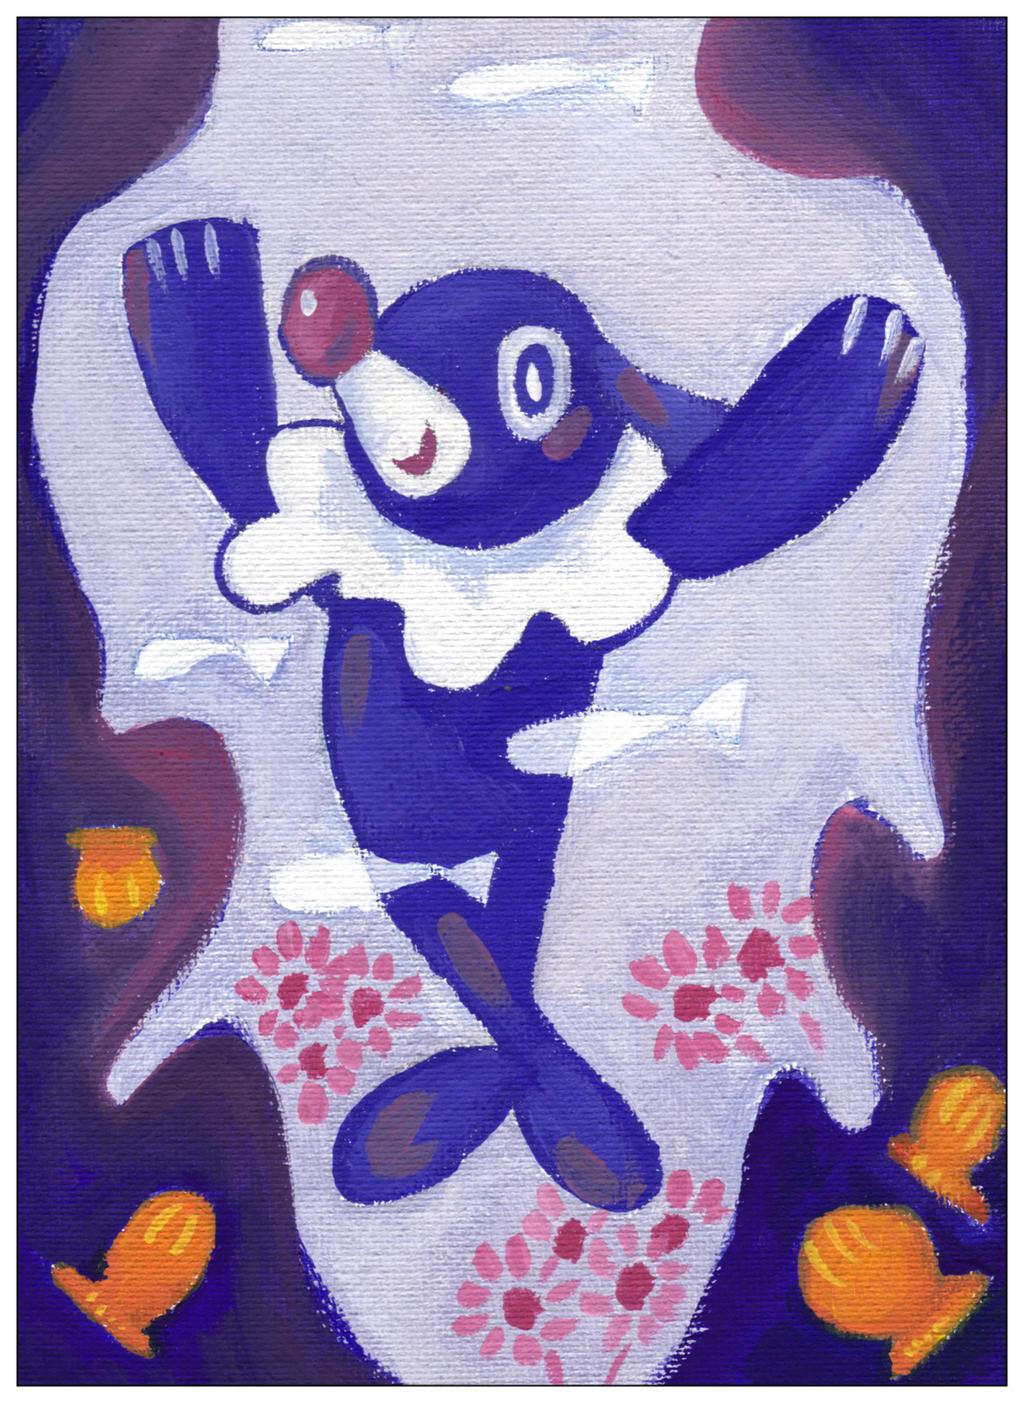 Fanart: Pokemon Otaquin by hiromihana